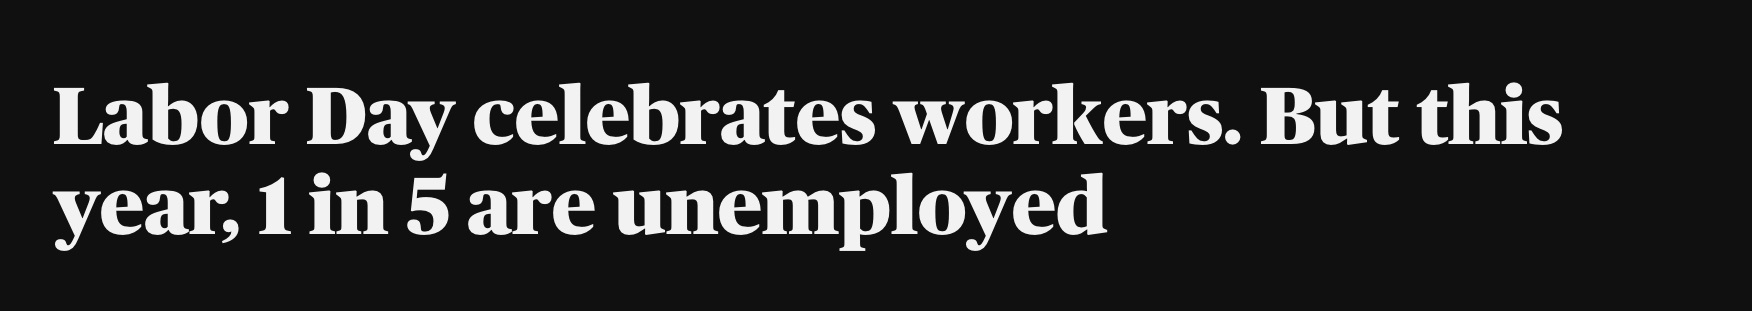 美媒:失业率居高不下 美国今年劳动节不值得庆祝